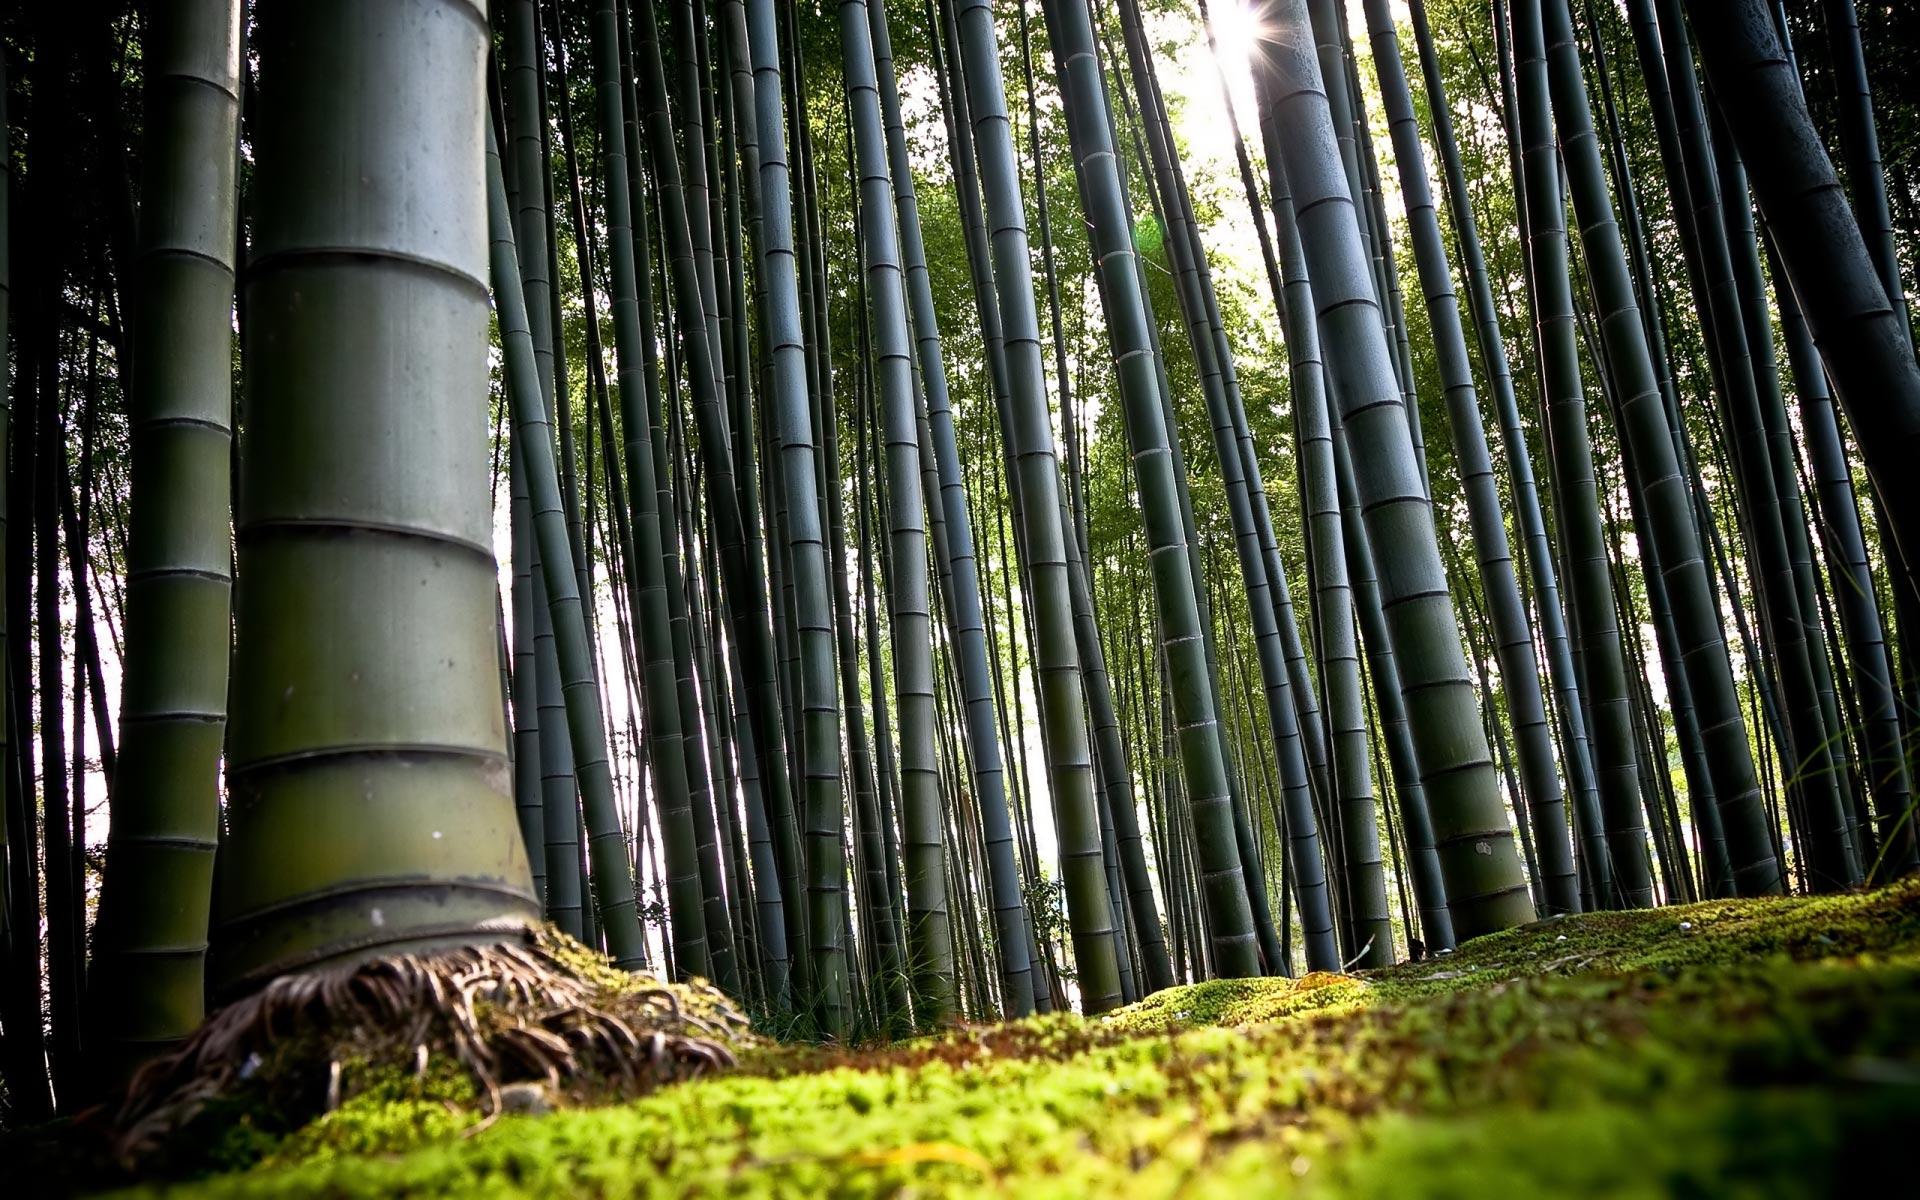 bamboo wallpaper A9